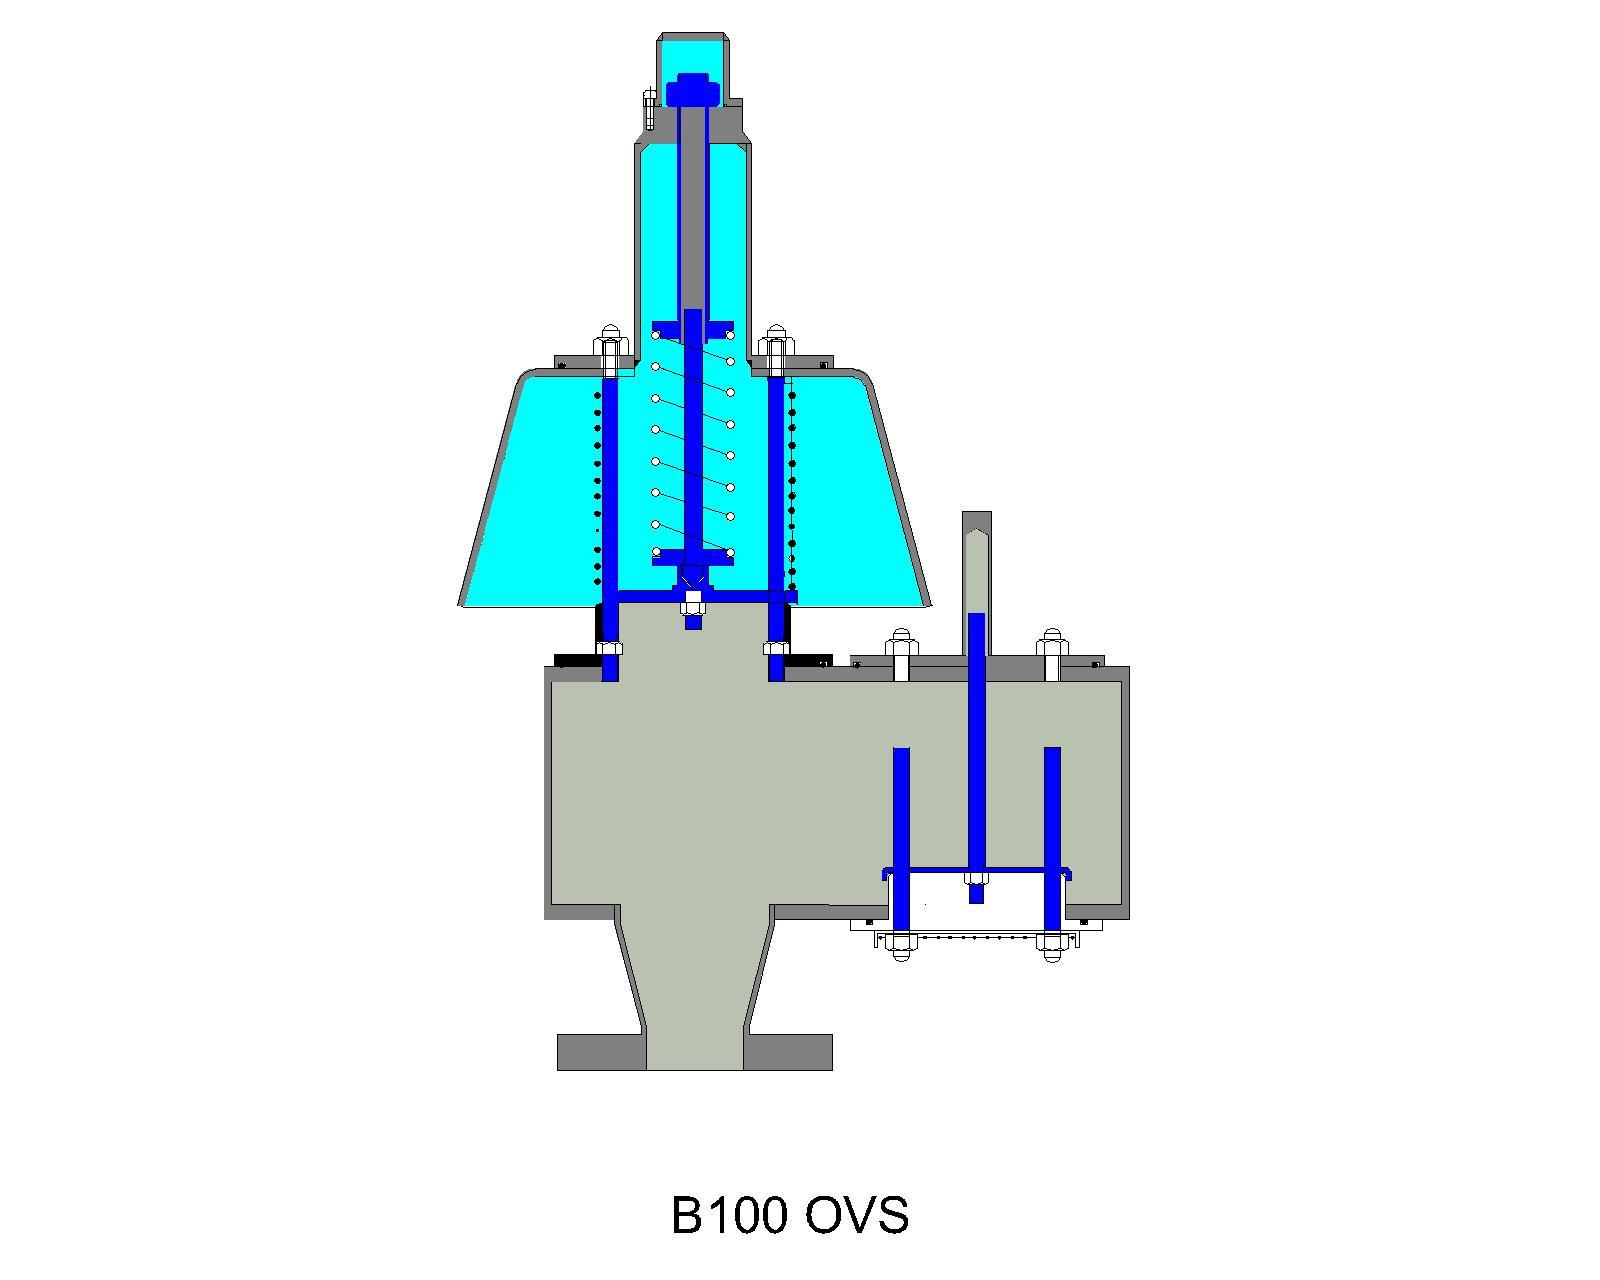 B100 OVS pressure relief valve diagram